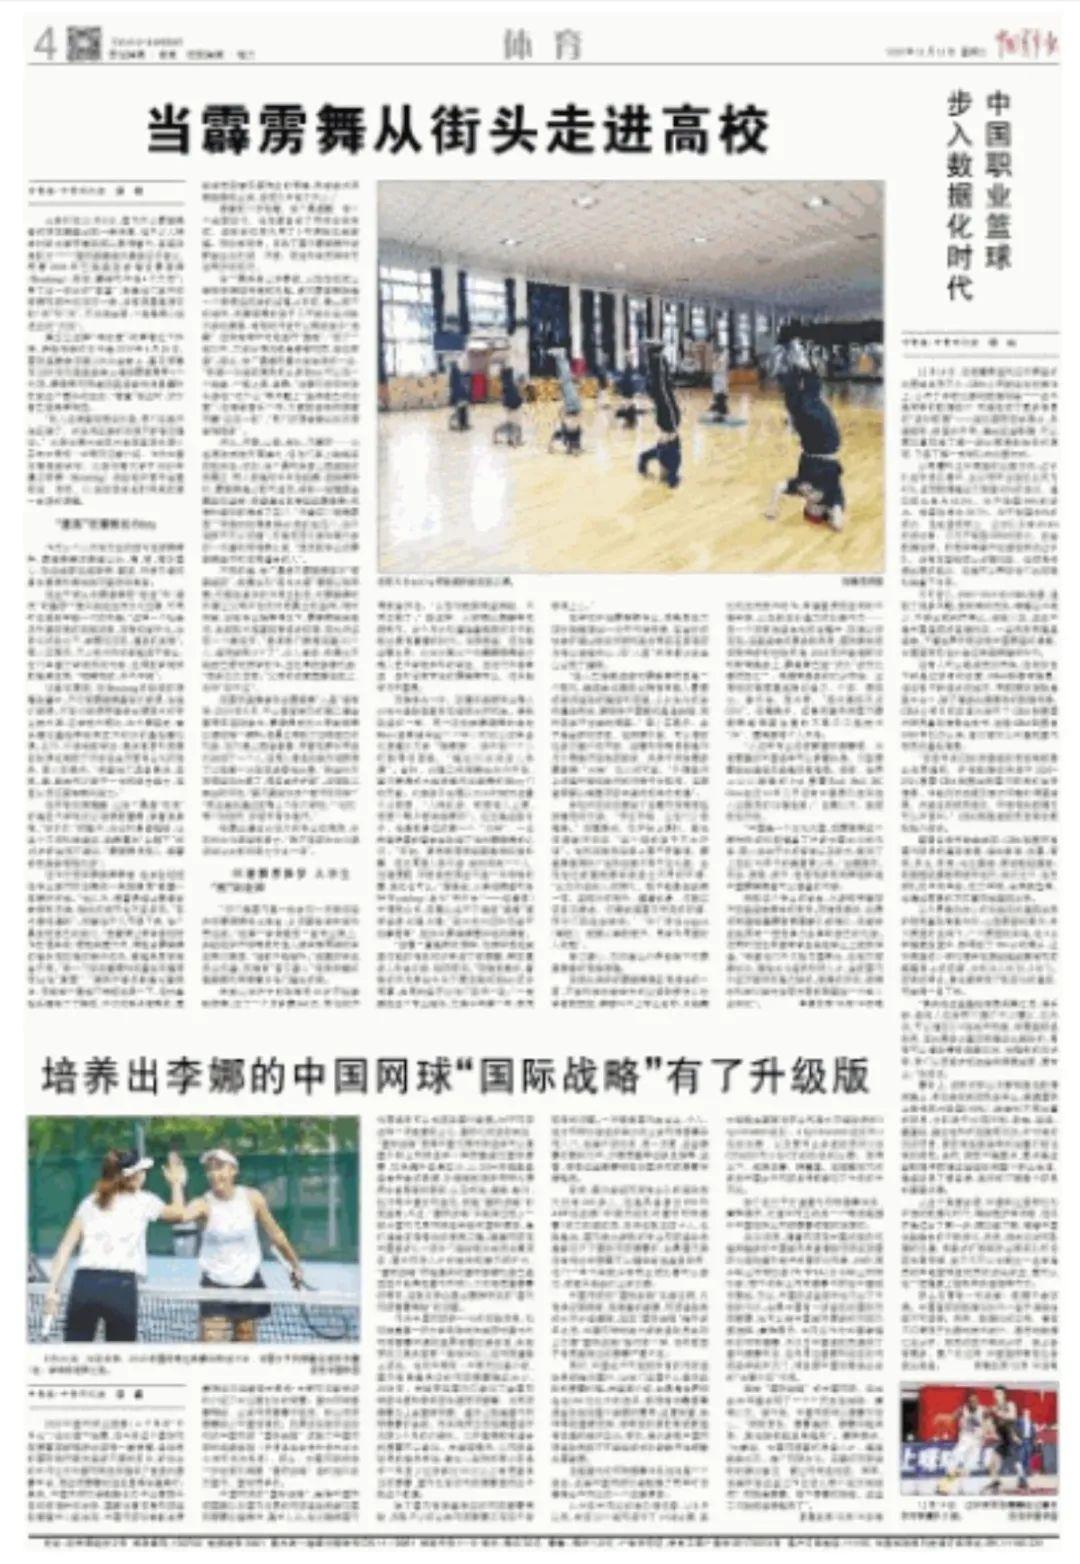 《中国青年报》报道我校街舞(Breaking)实验班图片